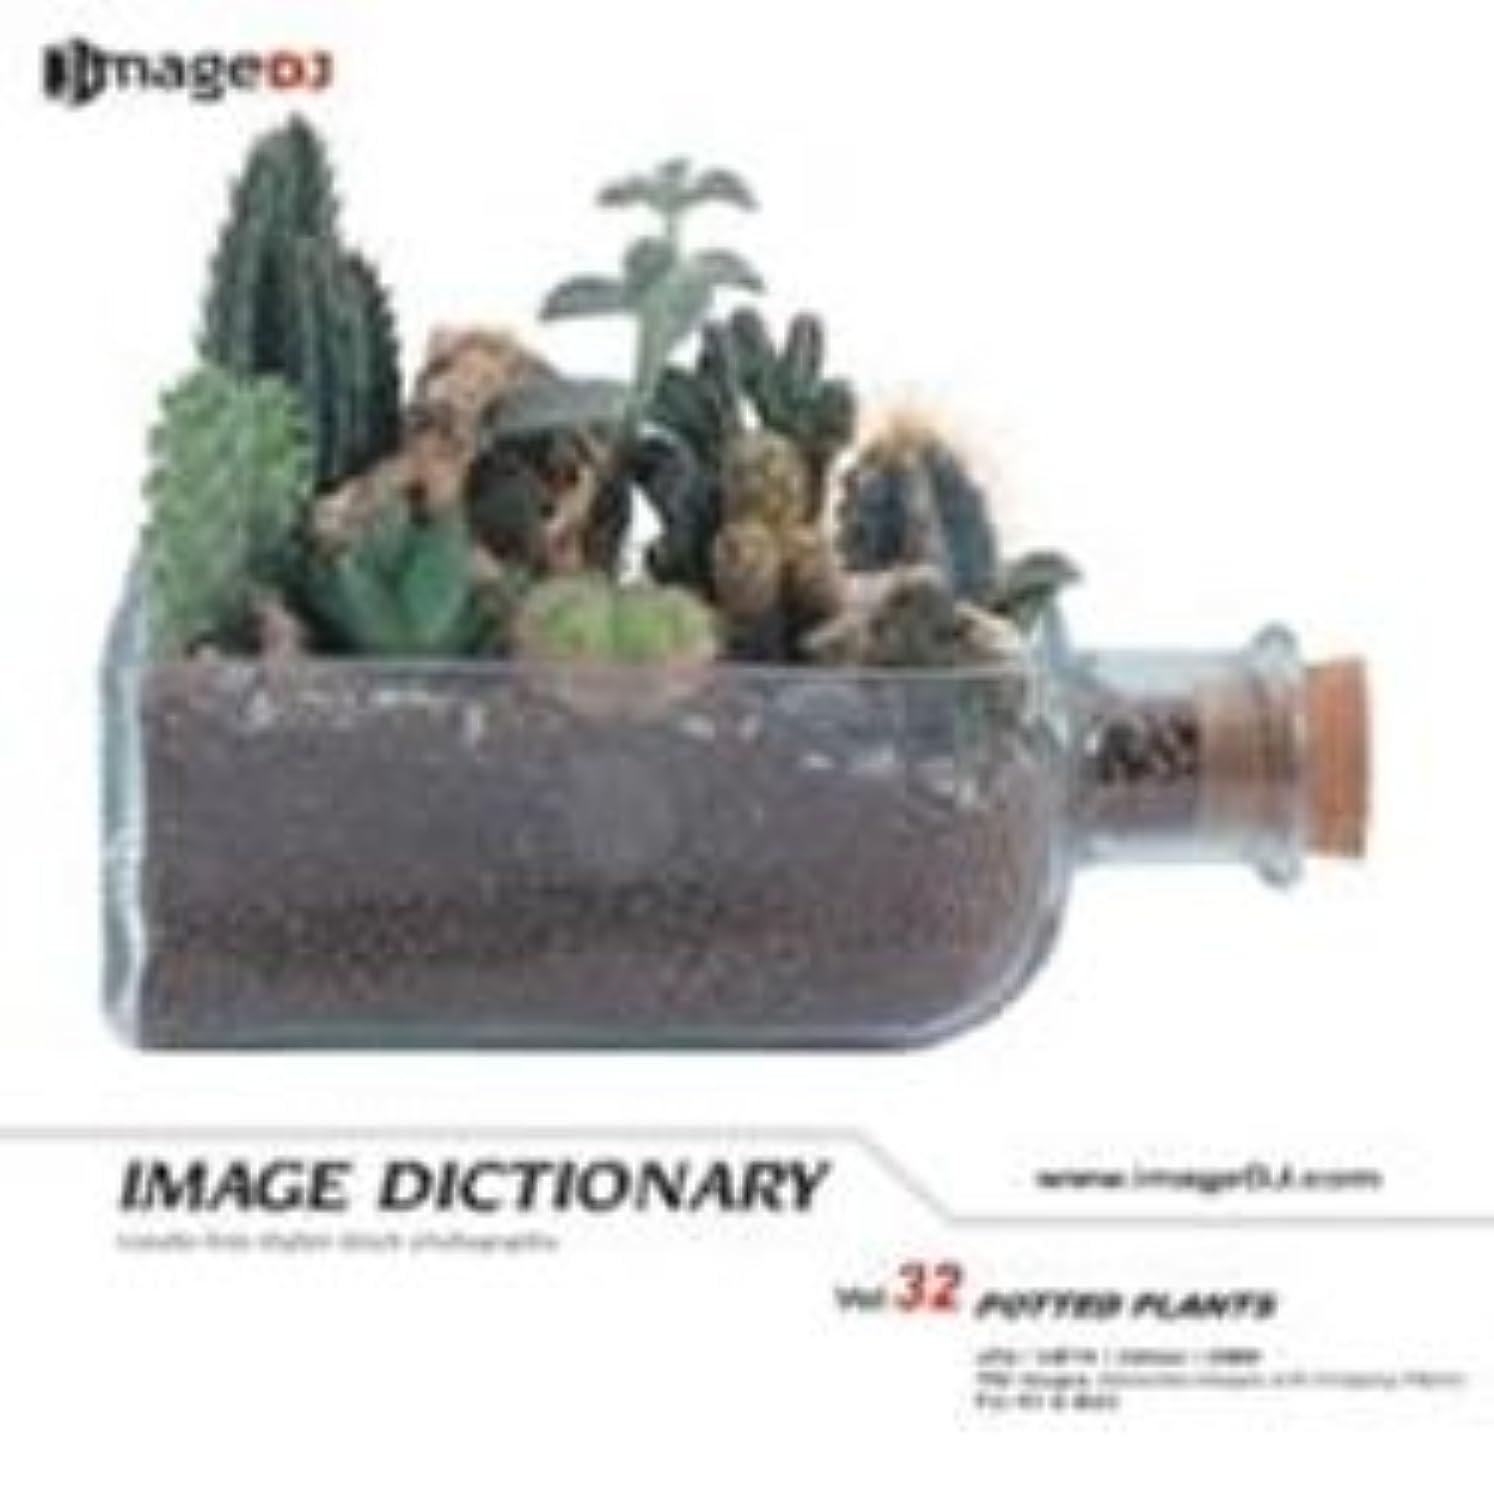 ロードブロッキングメロン星イメージ ディクショナリー Vol.32 鉢植